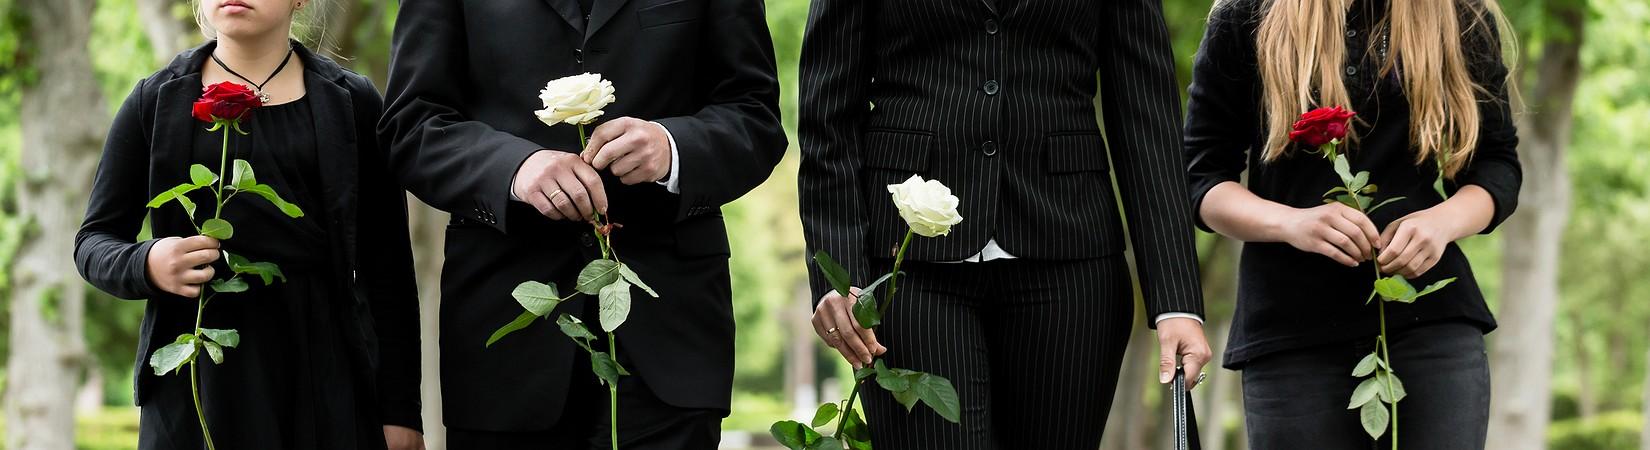 Ricos y muertos: Cómo gestionar el capital incluso después de la muerte